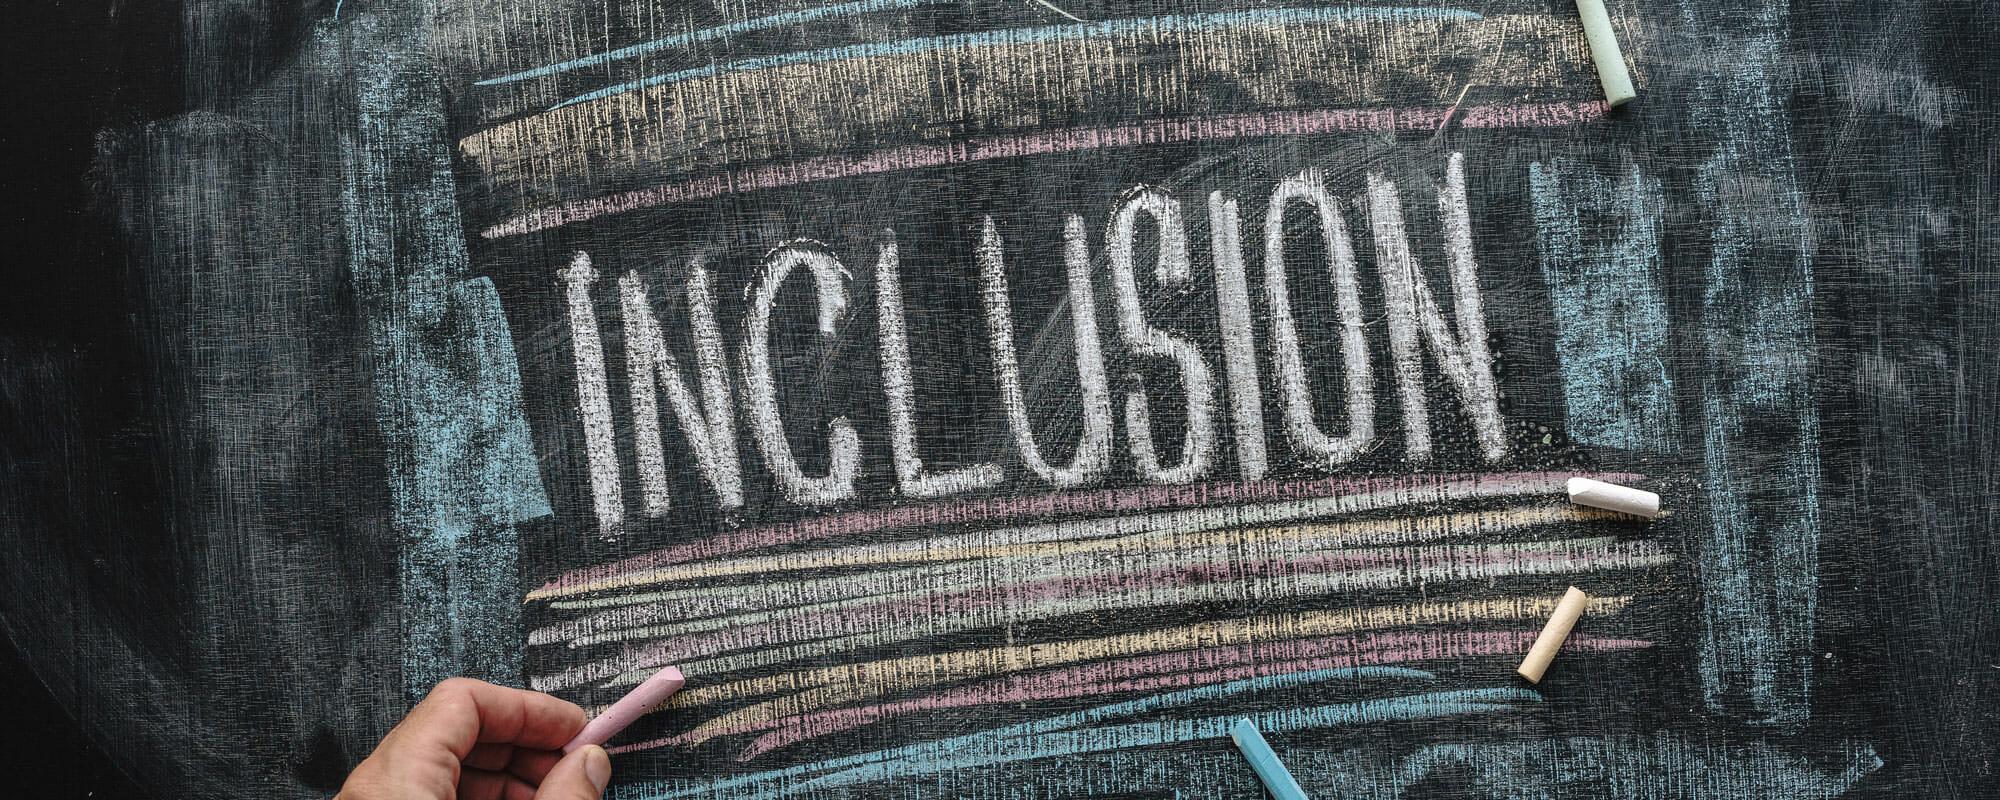 Inclusion written on chalkboard